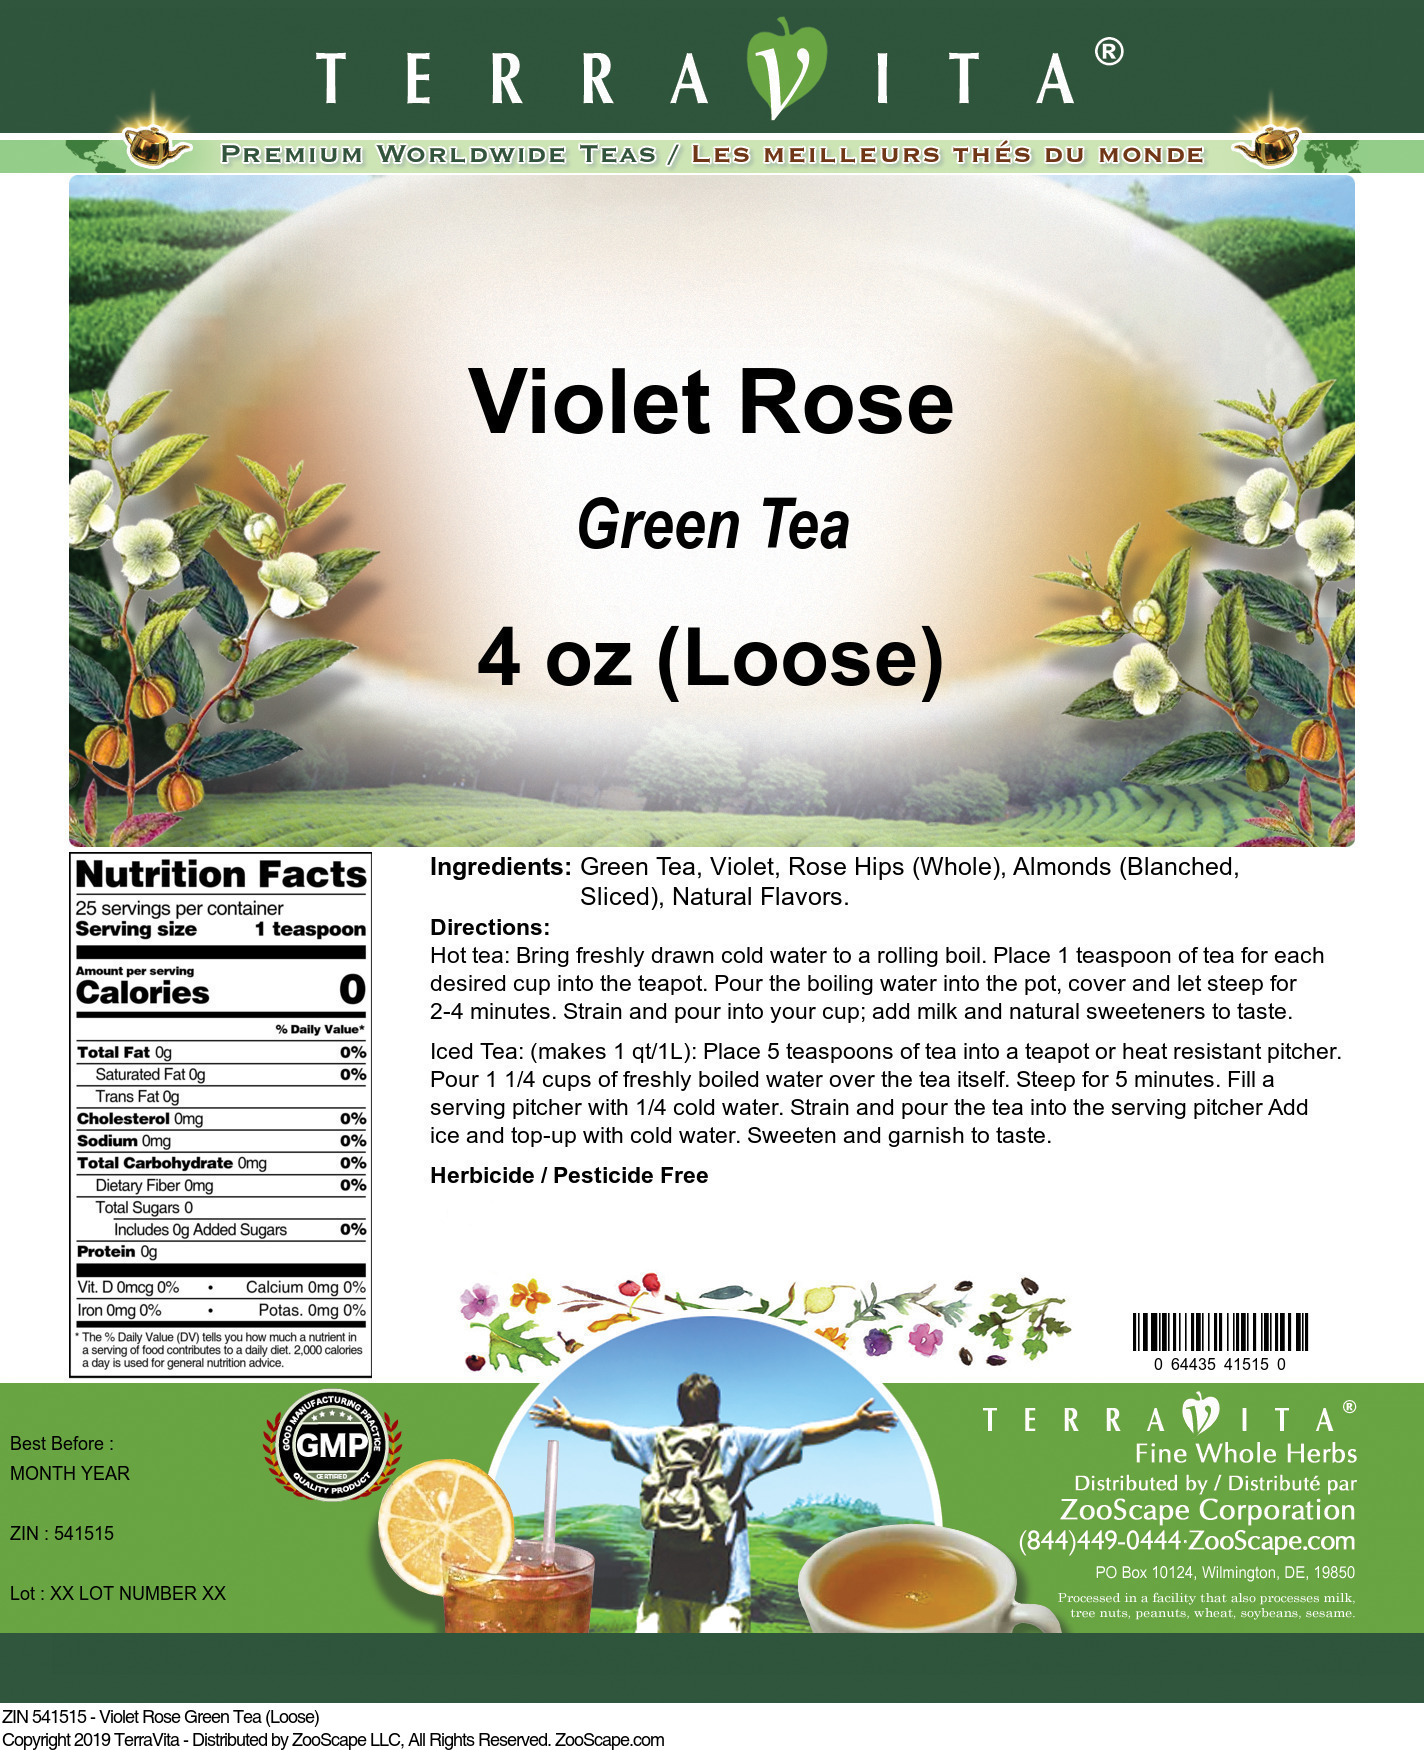 Violet Rose Green Tea (Loose)